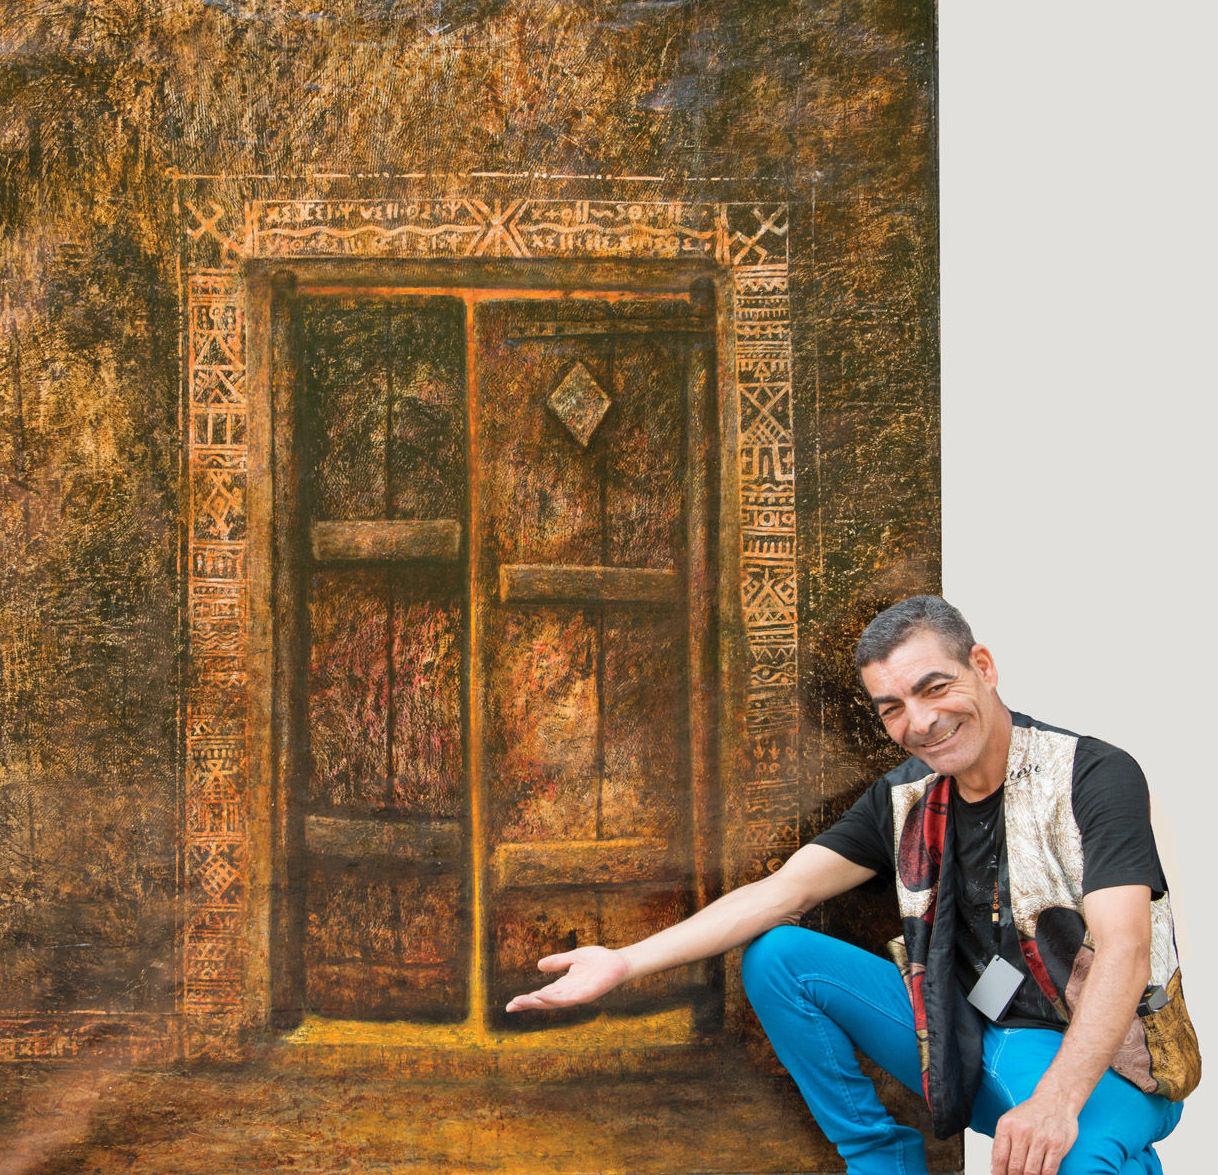 Le peintre Chlag Amraoui et son tableau Mémoire, huile sur toile, 180 x 150cm, 2017